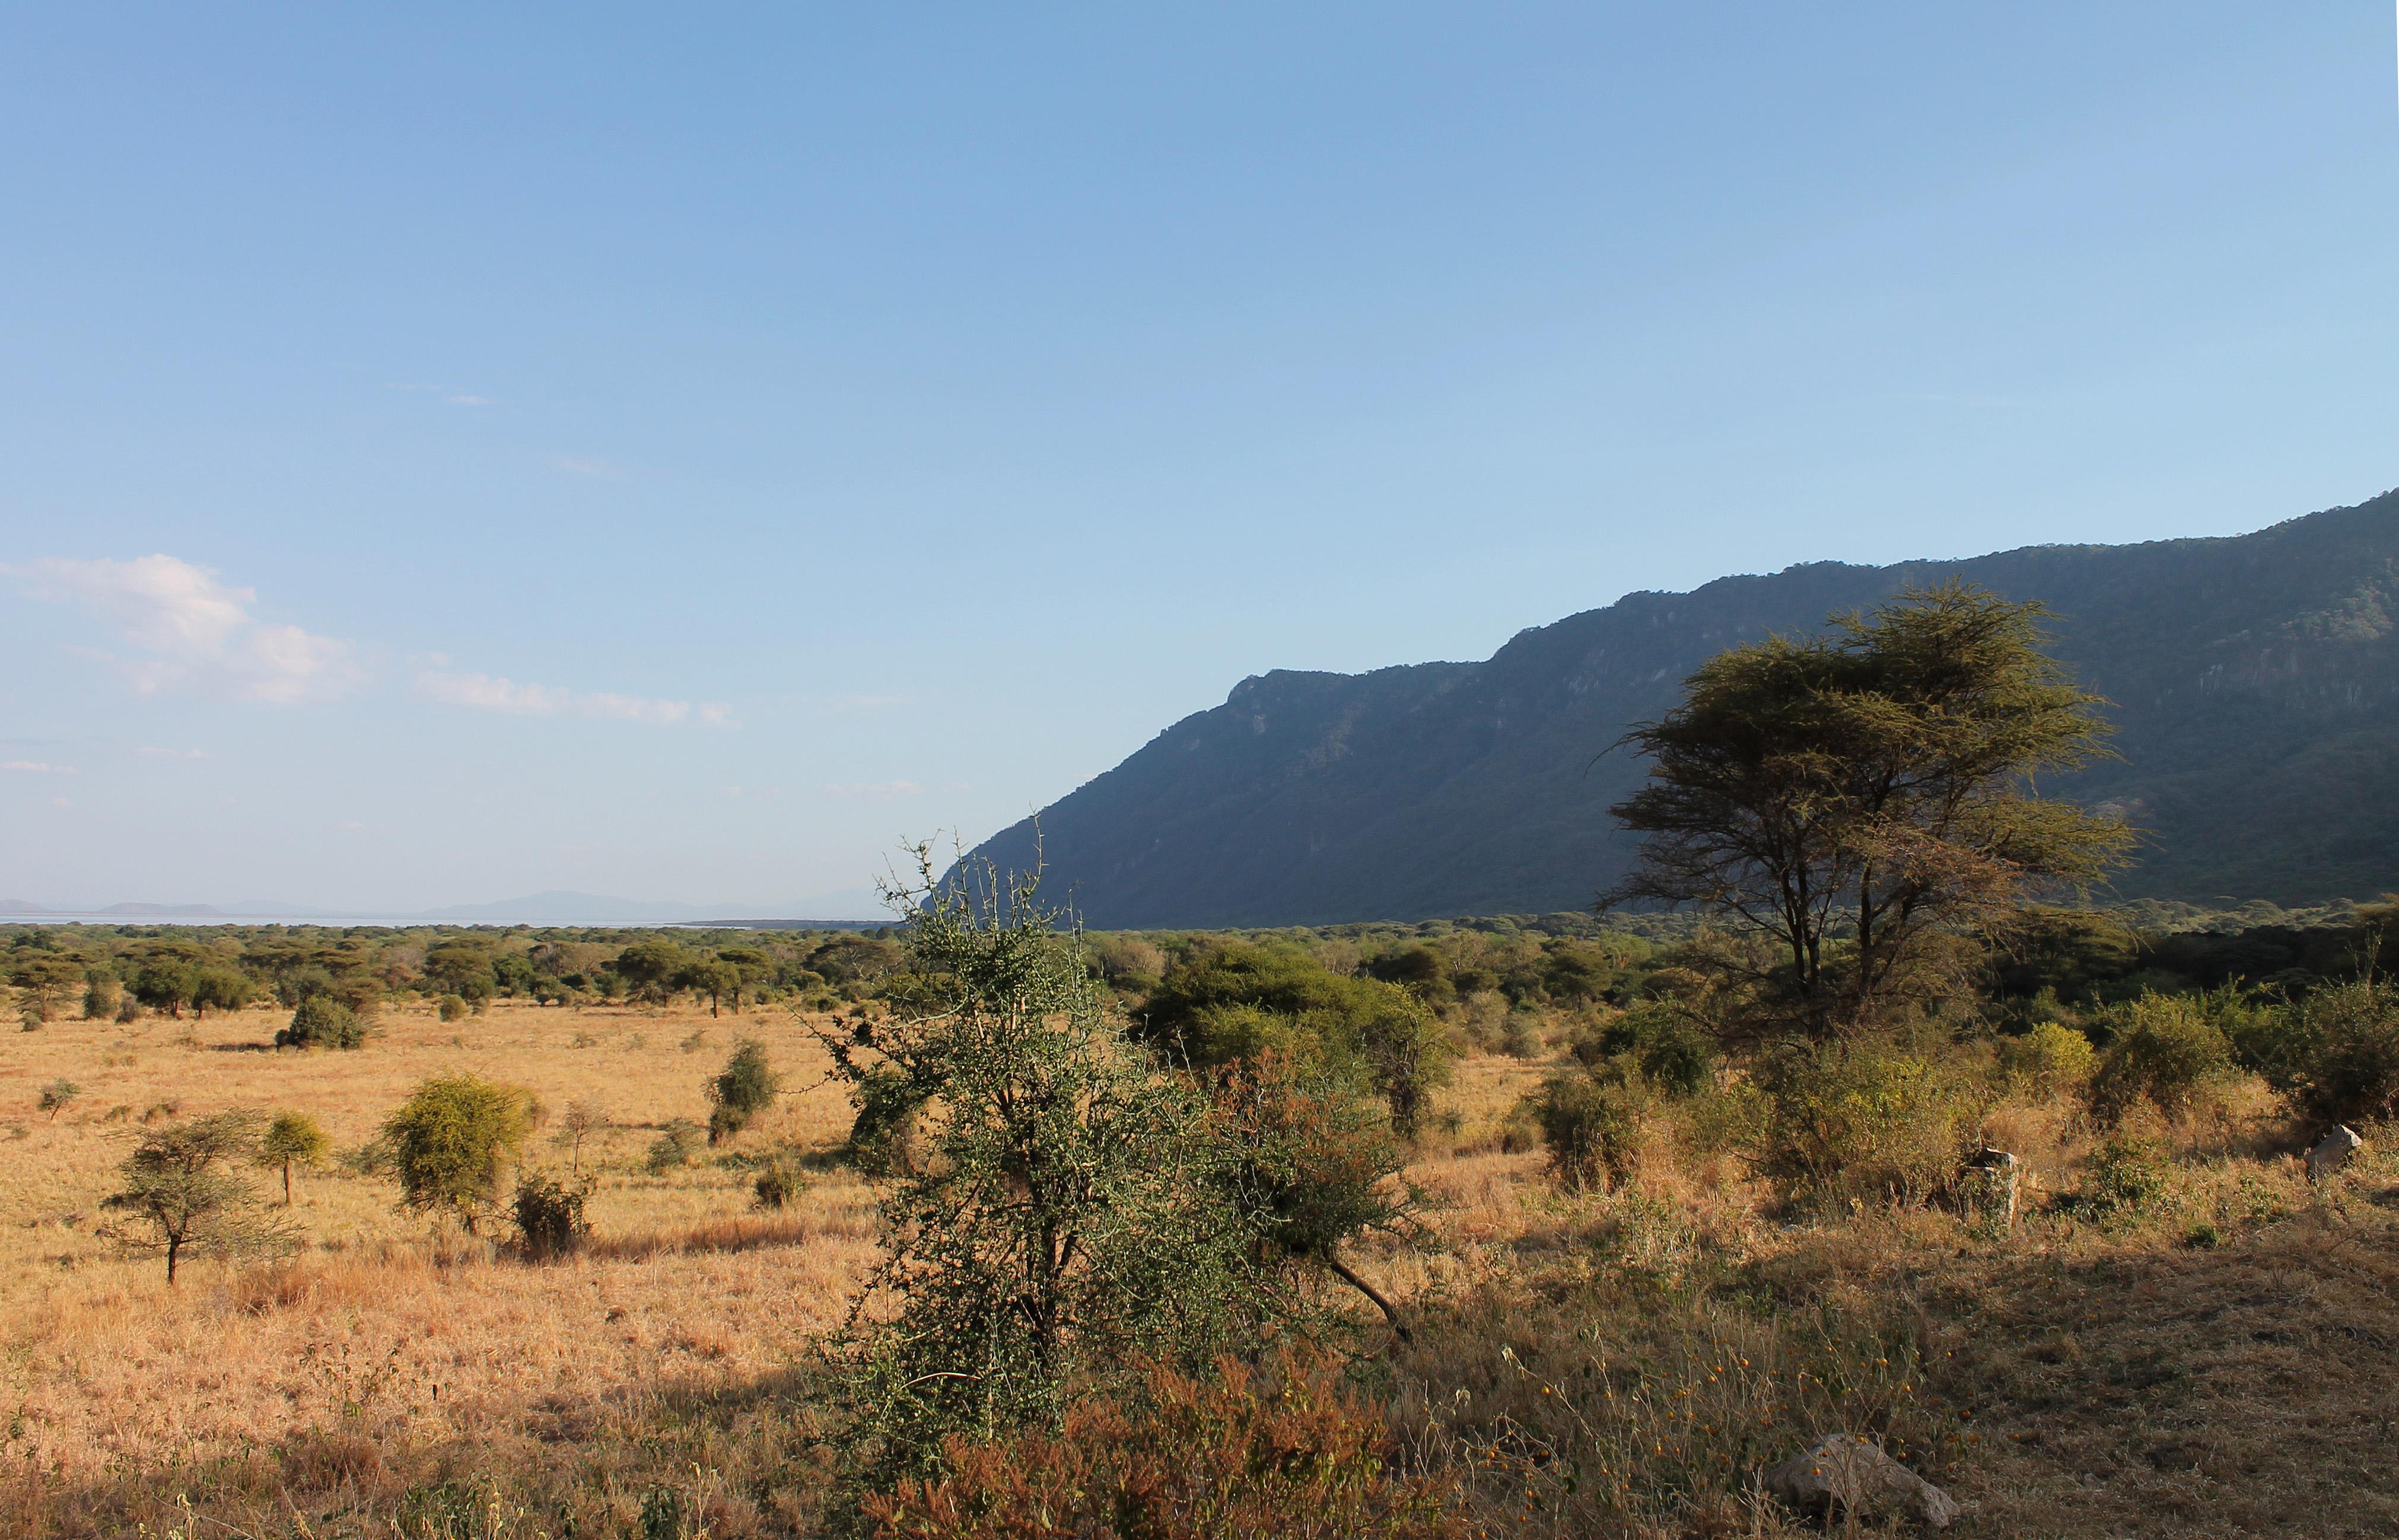 Camping Safari Tanzania Highlights